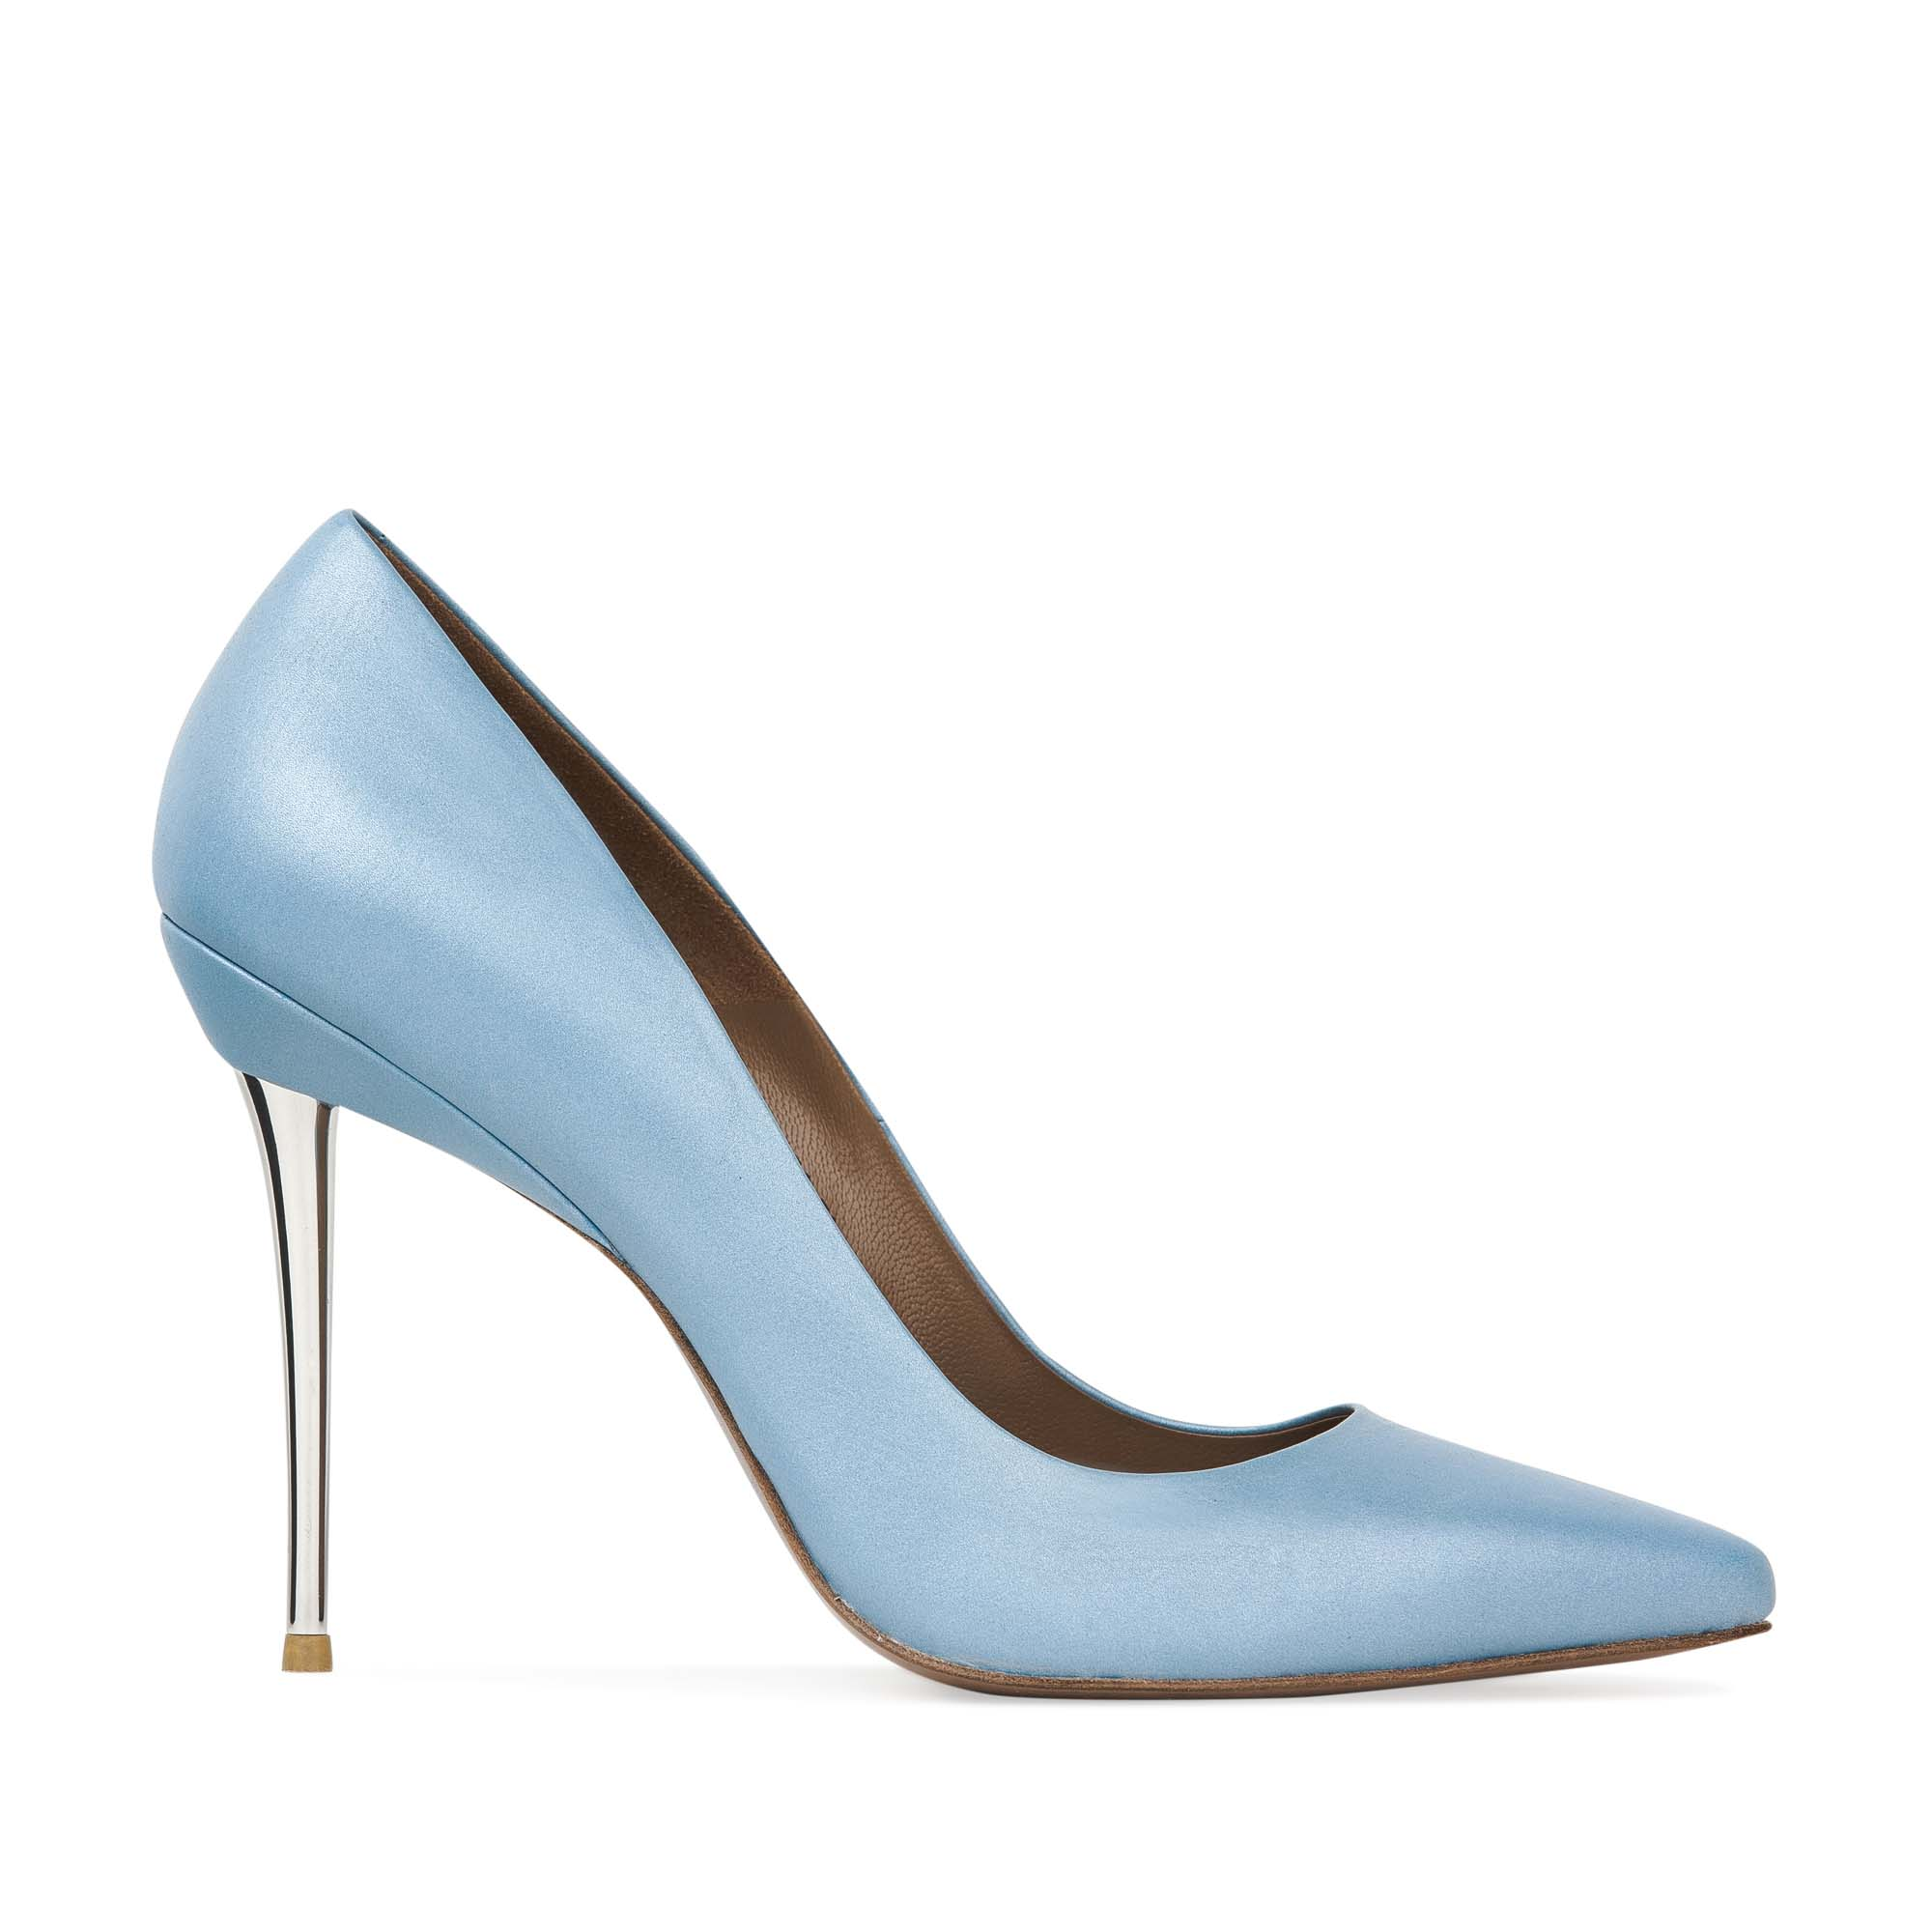 Кожаные туфли-лодочки небесно-голубого цвета на металлическом каблукеТуфли женские<br><br>Материал верха: Кожа<br>Материал подкладки: Кожа<br>Материал подошвы: Кожа<br>Цвет: Голубой<br>Высота каблука: 11 см<br>Дизайн: Италия<br>Страна производства: Китай<br><br>Высота каблука: 11 см<br>Материал верха: Кожа<br>Материал подкладки: Кожа<br>Цвет: Голубой<br>Пол: Женский<br>Вес кг: 0.48000000<br>Выберите размер обуви: 40